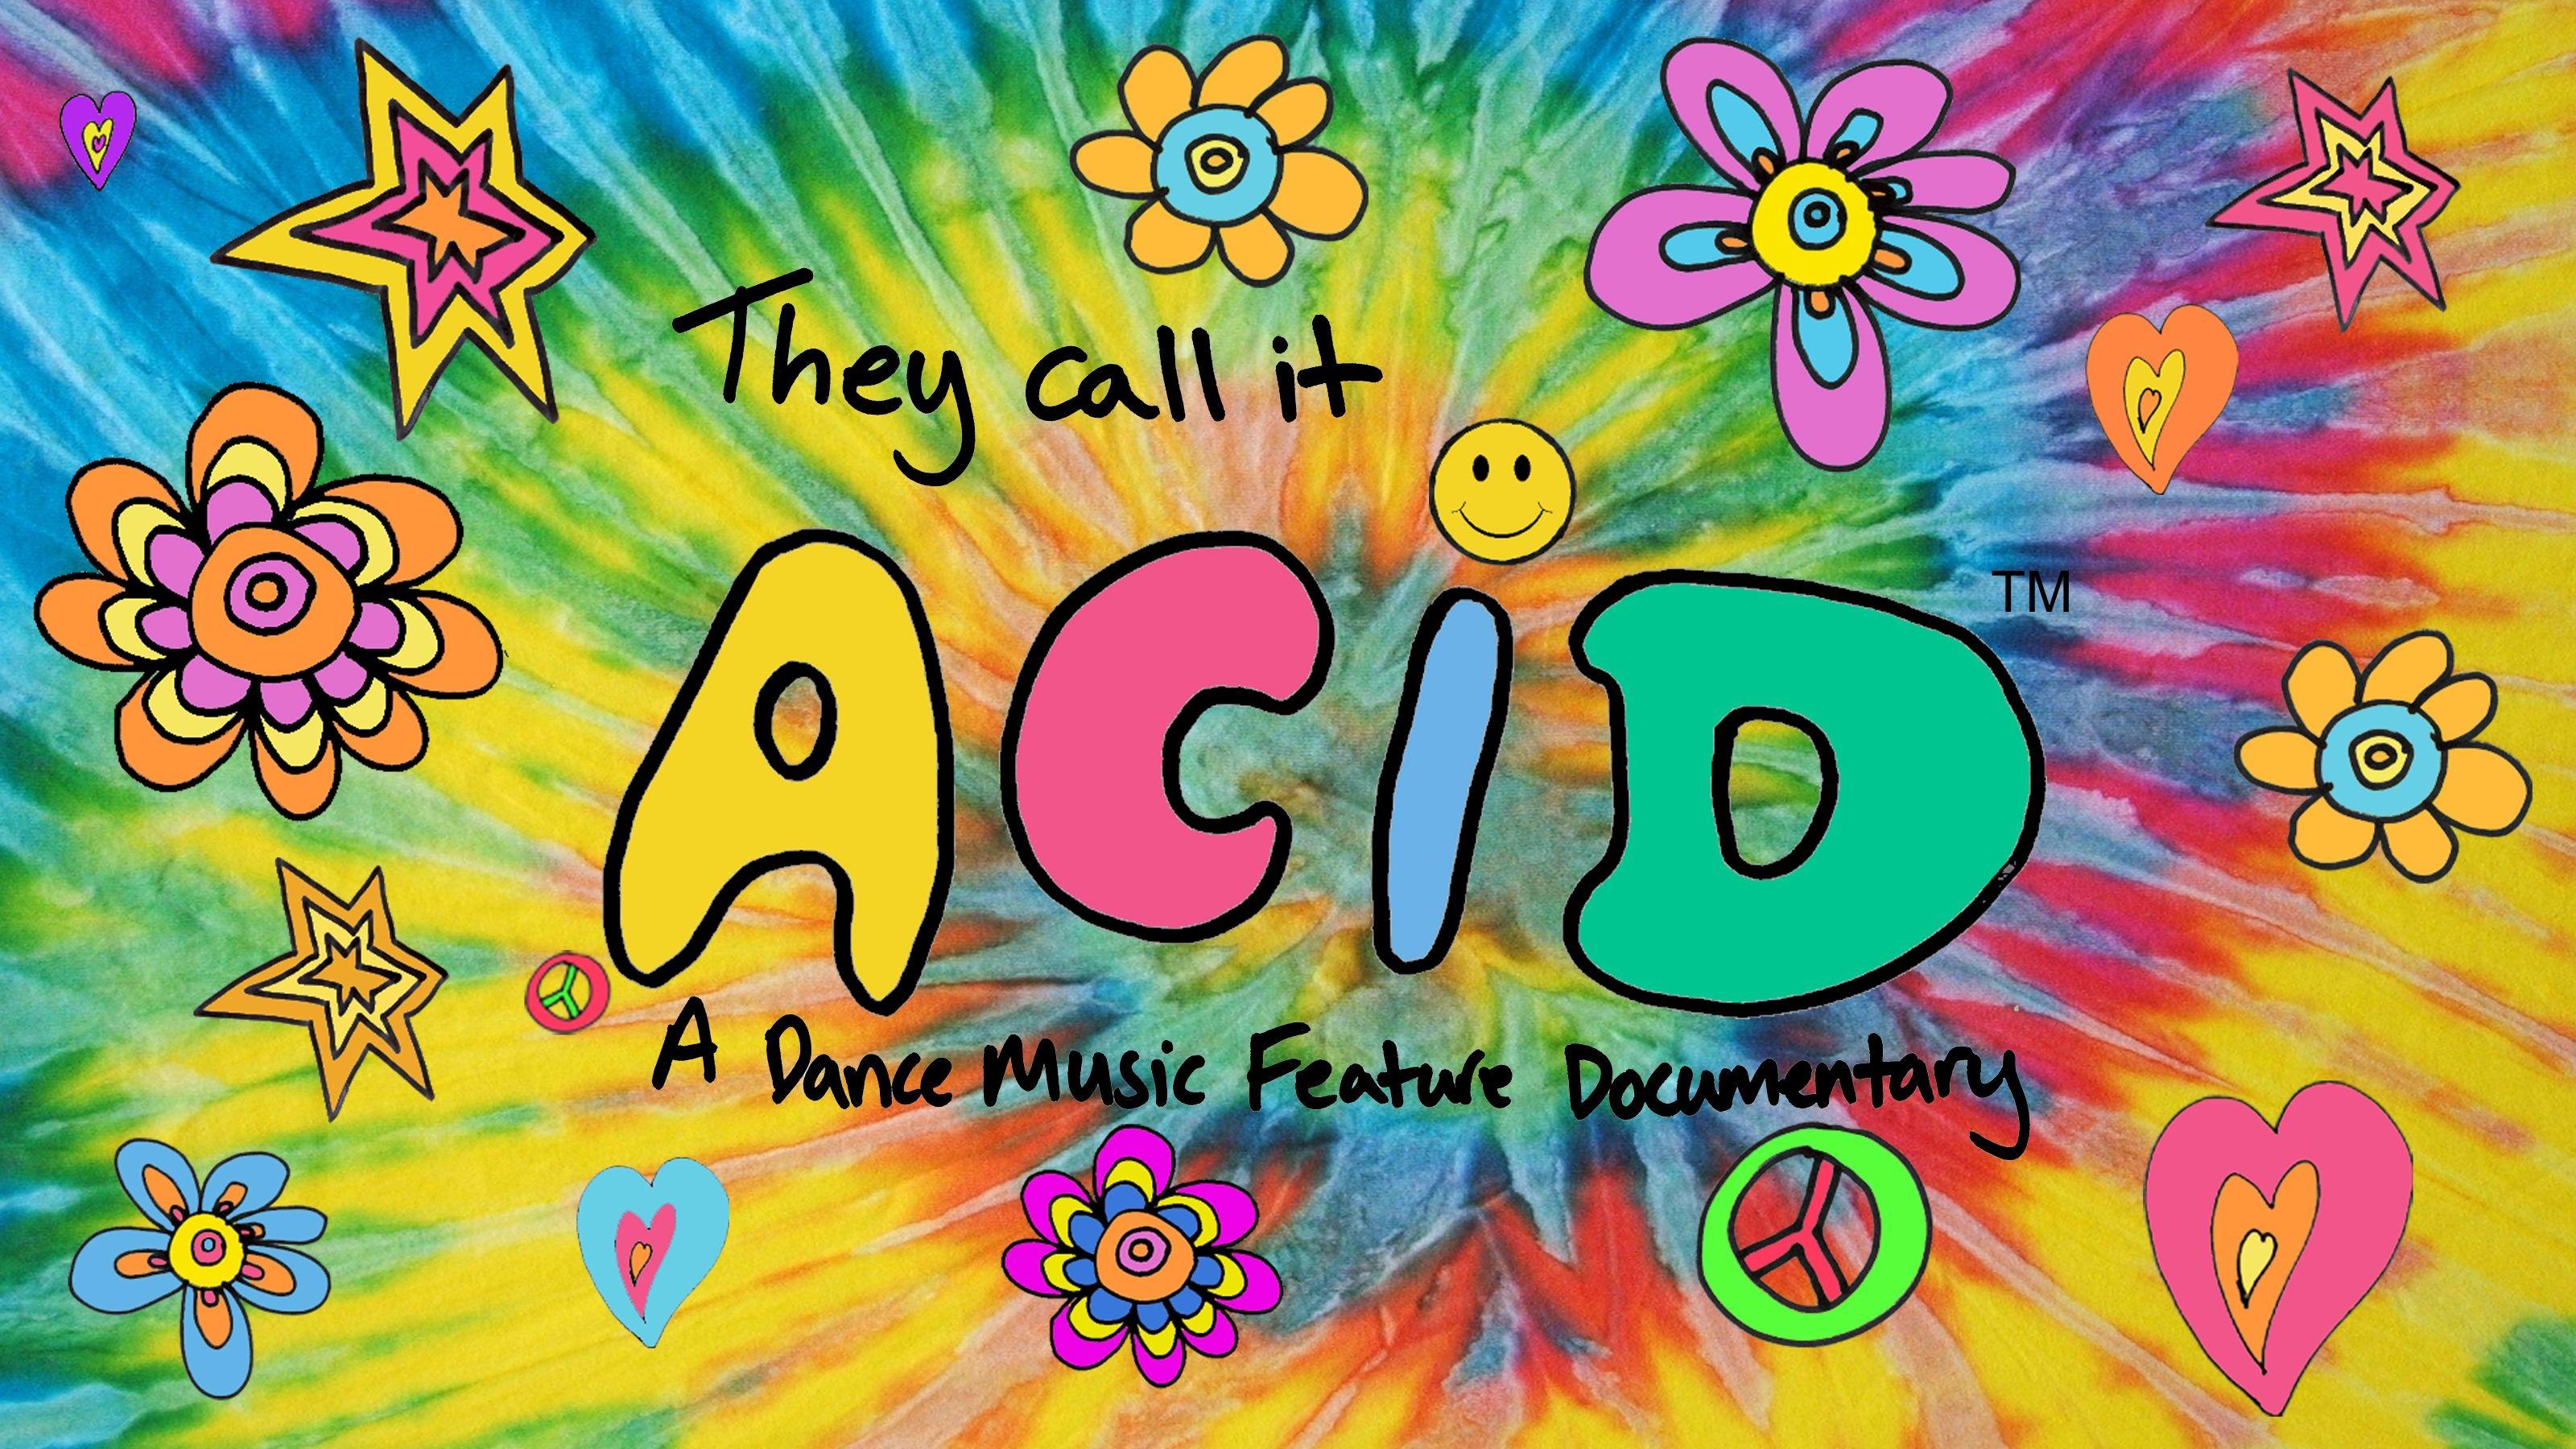 Wallpaper: un manifesto orizzontale di They Call It Acid